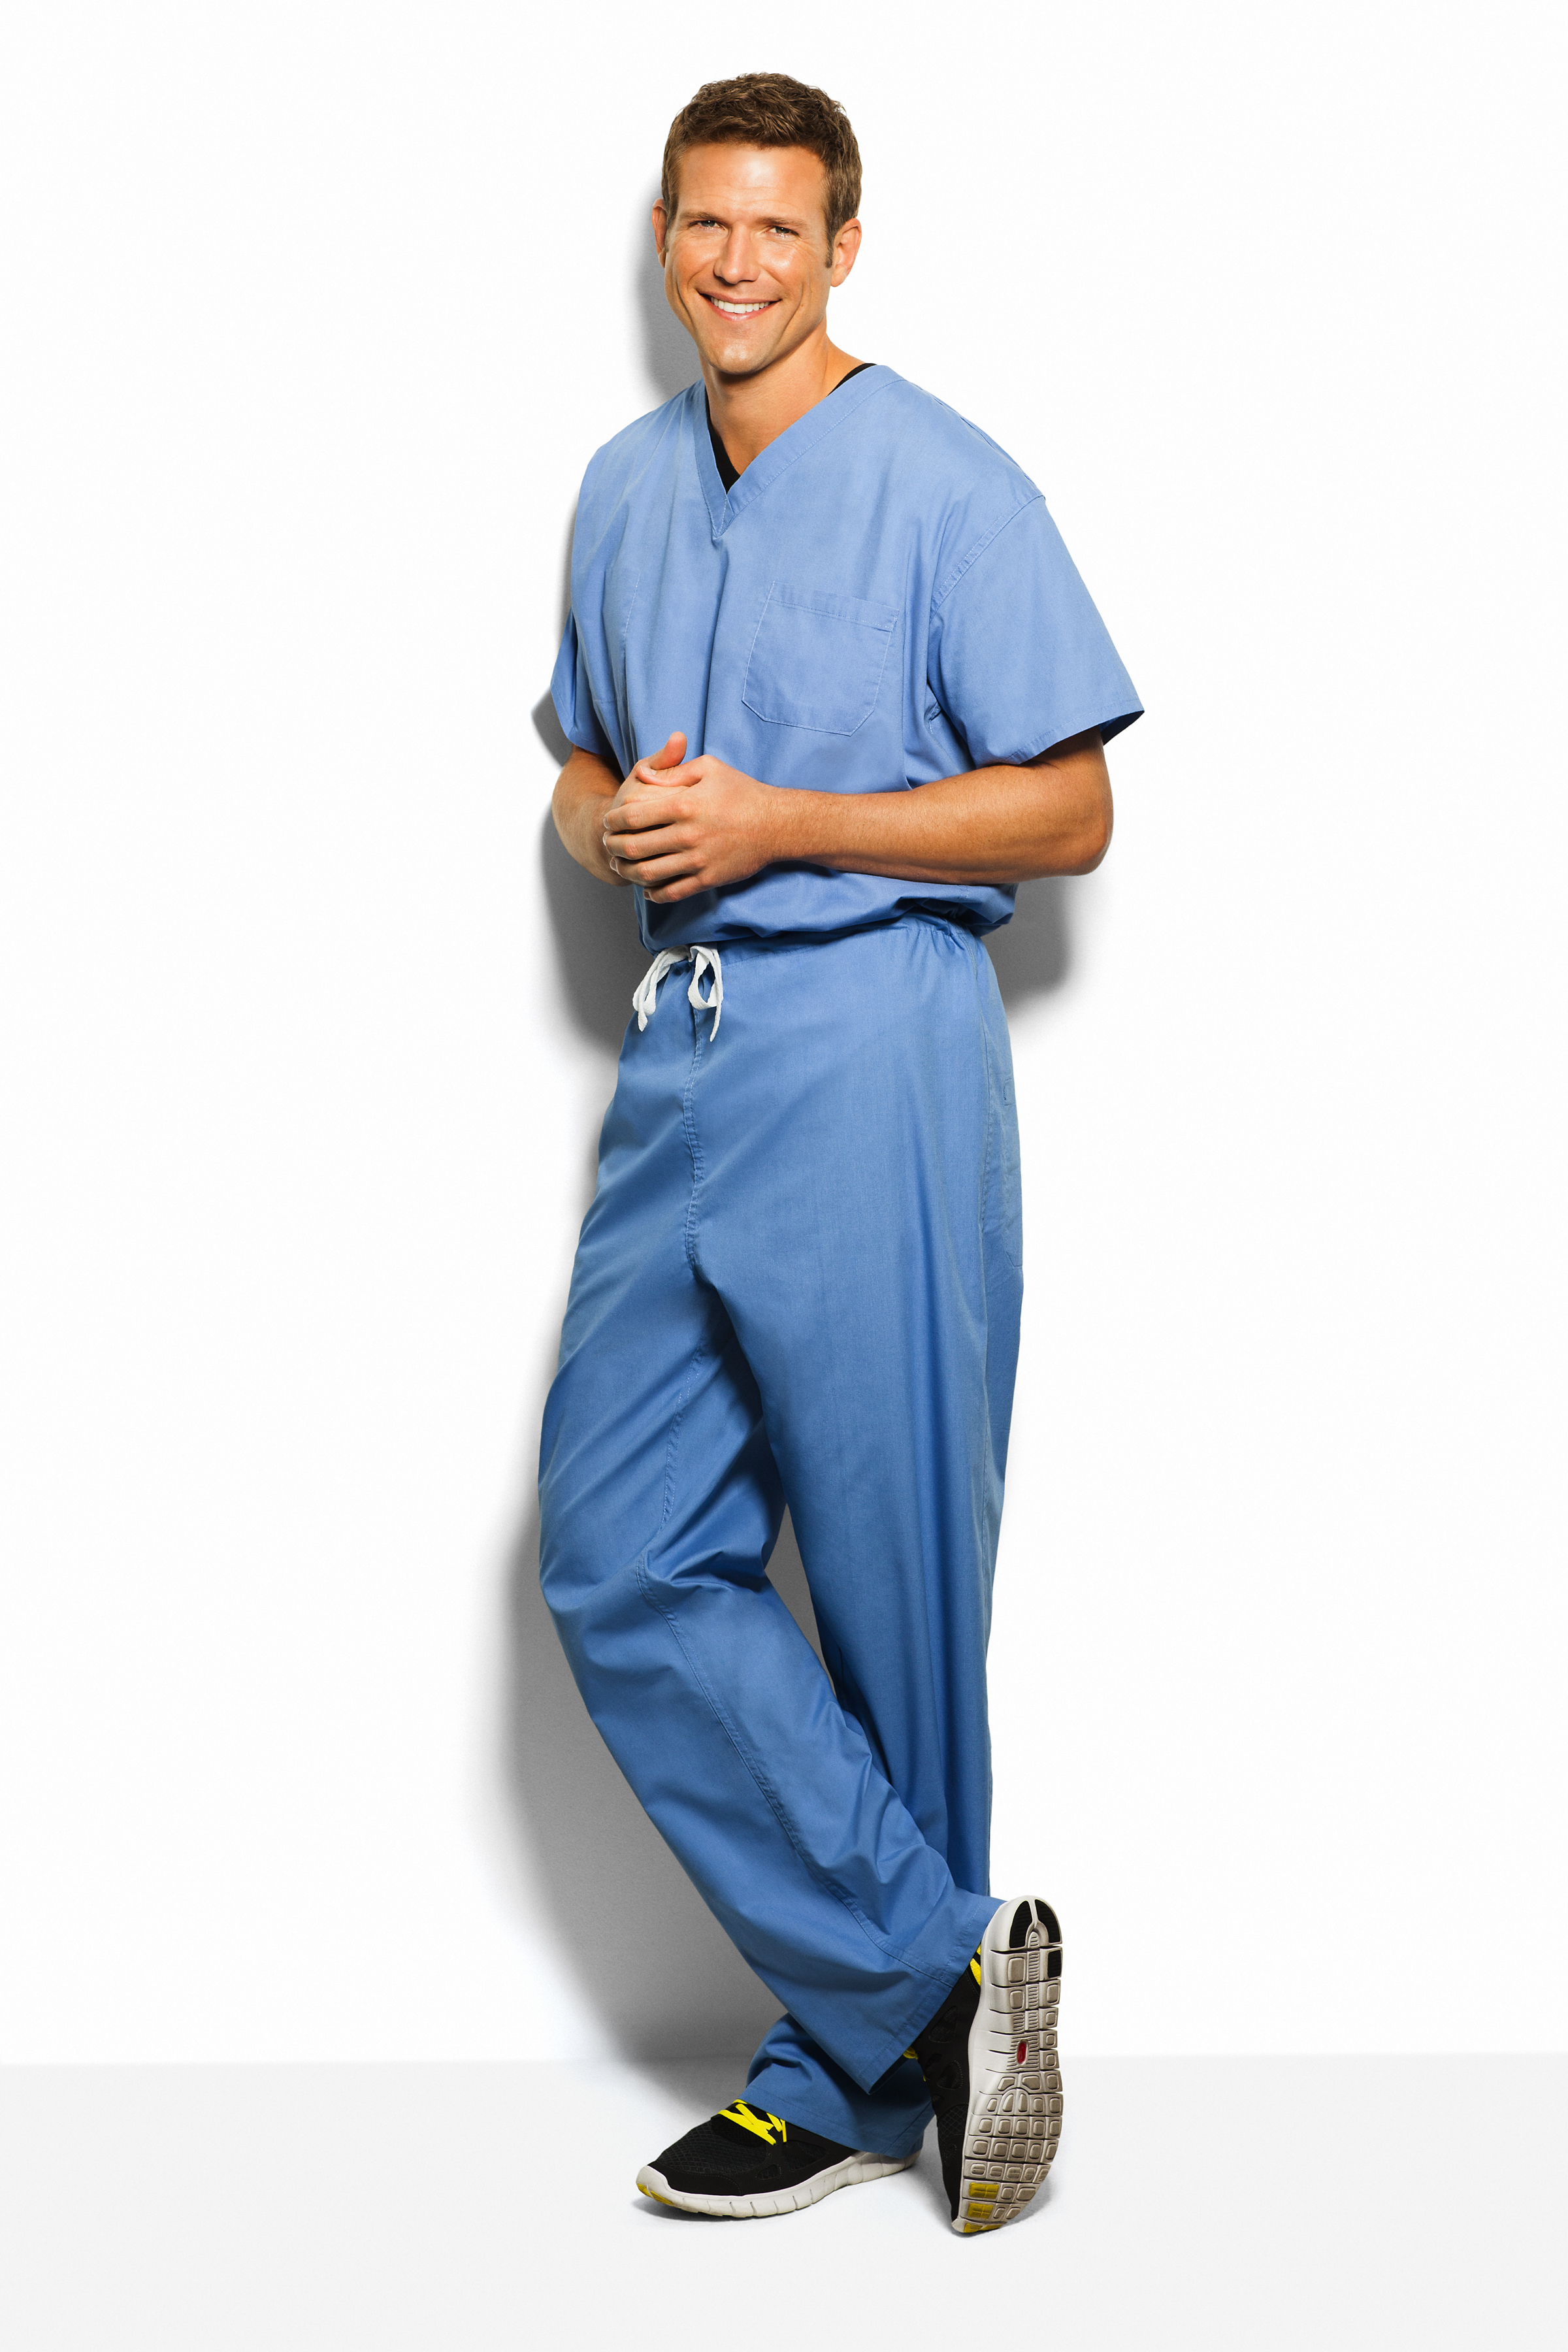 Dr. Travis Stork The Doctors